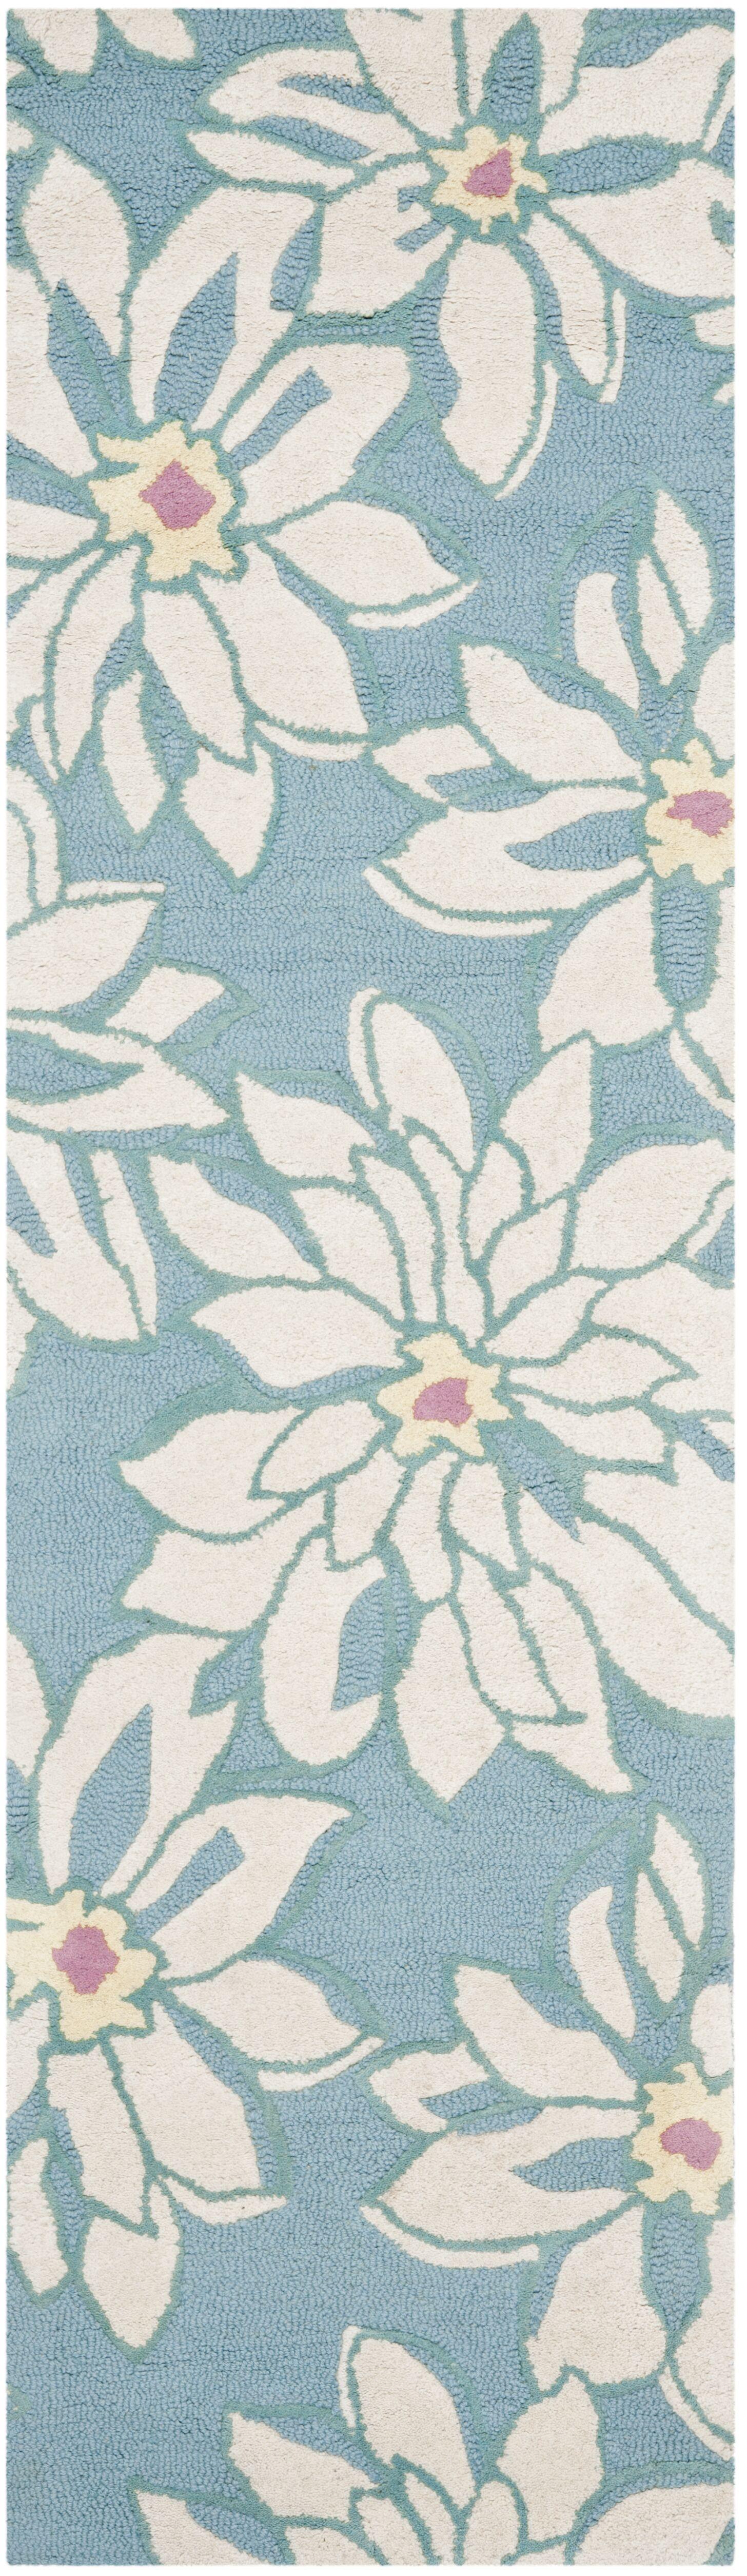 Ross Light Blue/Ivory Floral Area Rug Rug Size: Runner 2'3